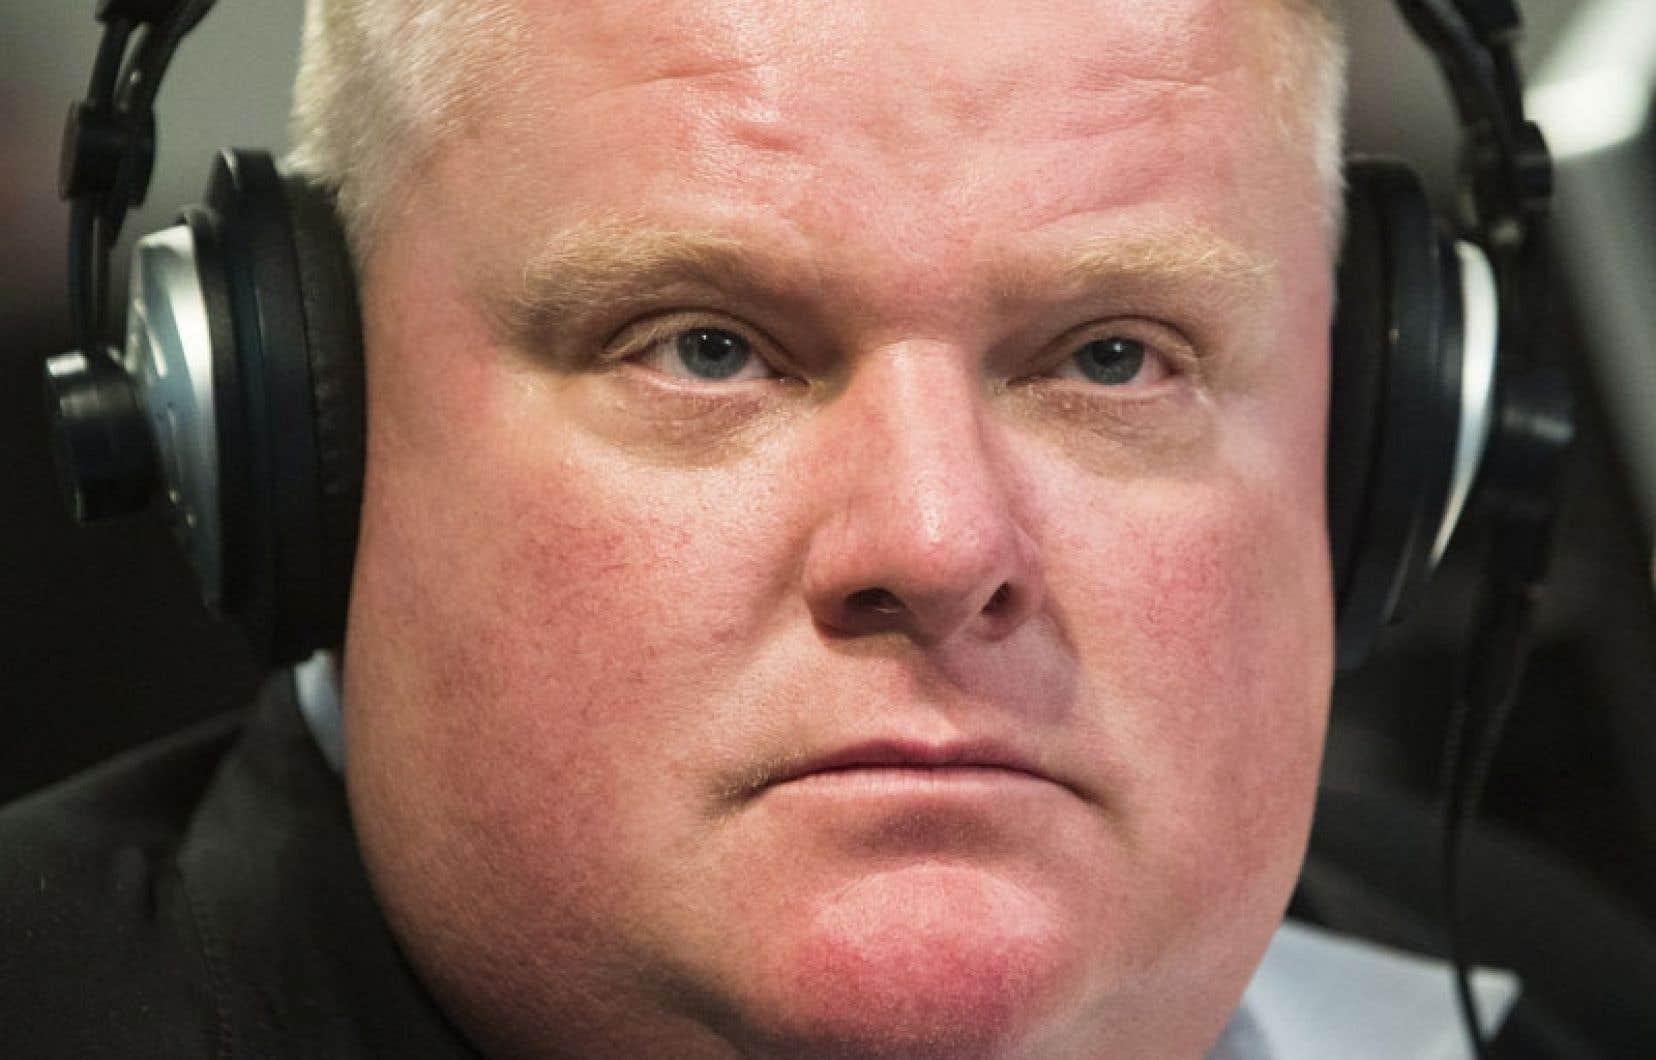 Dimanche, lors de son émission de radio dominicale, le maire de Toronto a reconnu avoir commis des erreurs dans sa vie.